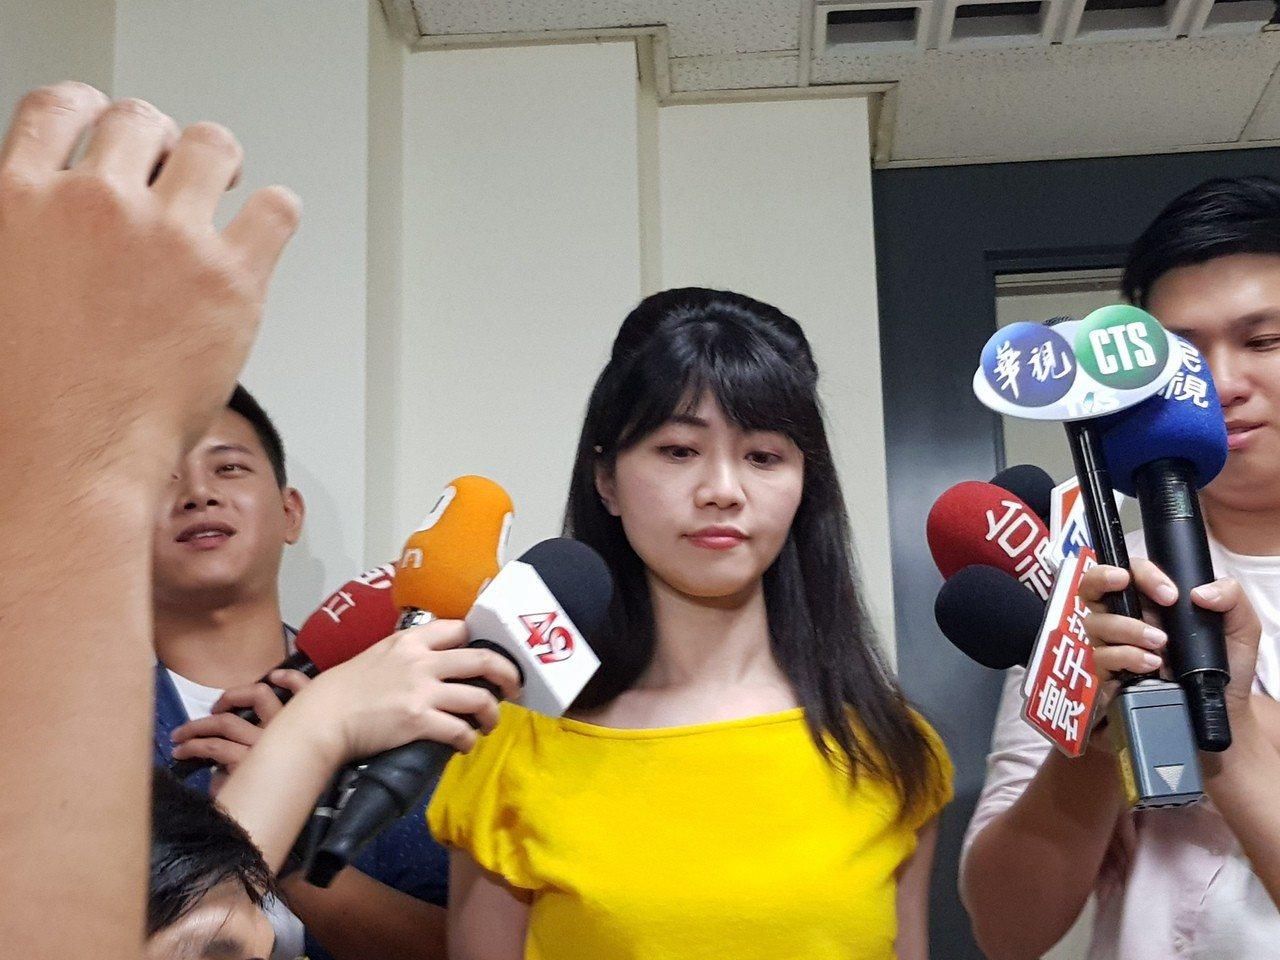 民進黨台北市內湖南港區議員高嘉瑜。本報資料照片 記者翁浩然/攝影